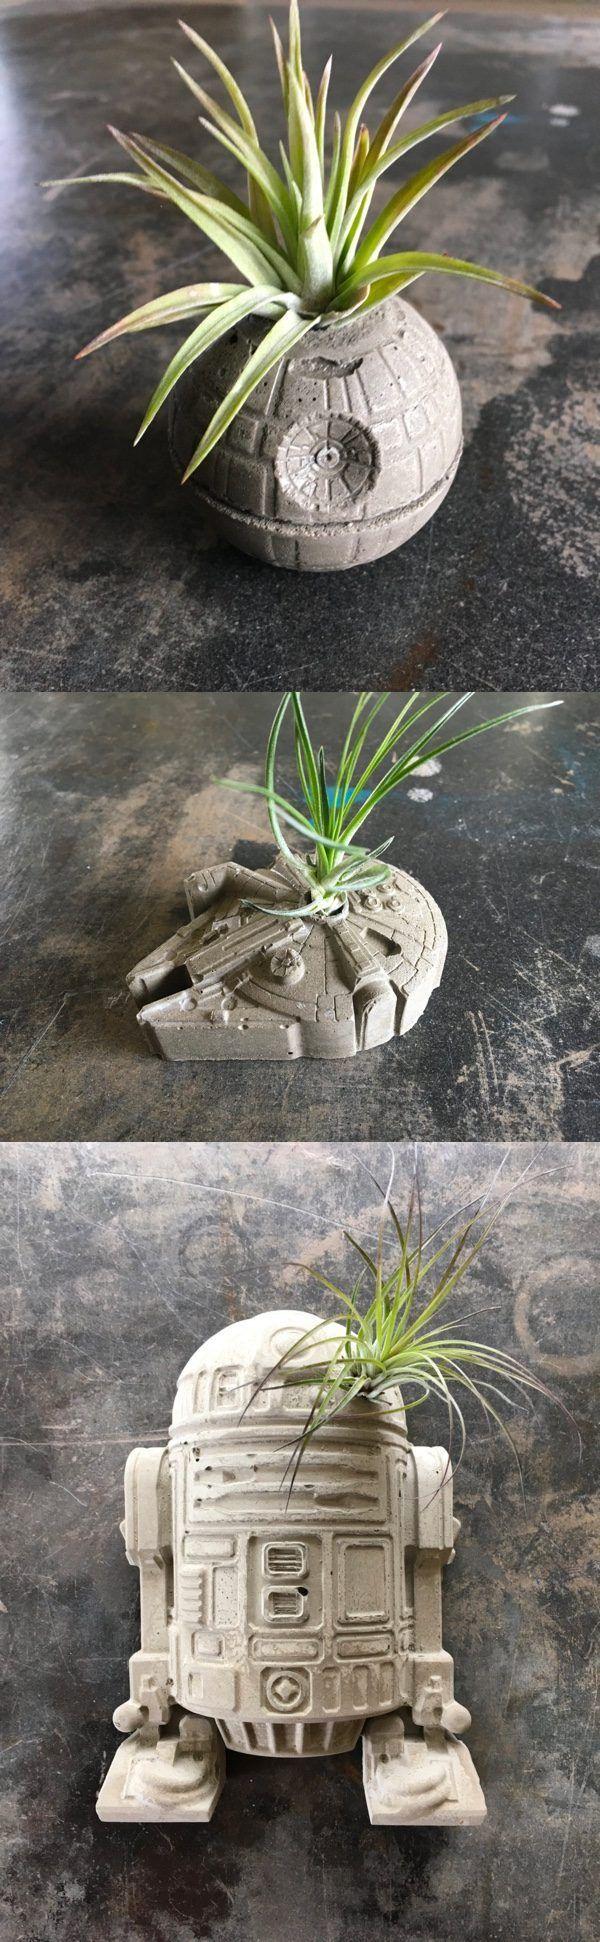 32 Uniquely Beautiful Concrete Planters Concrete